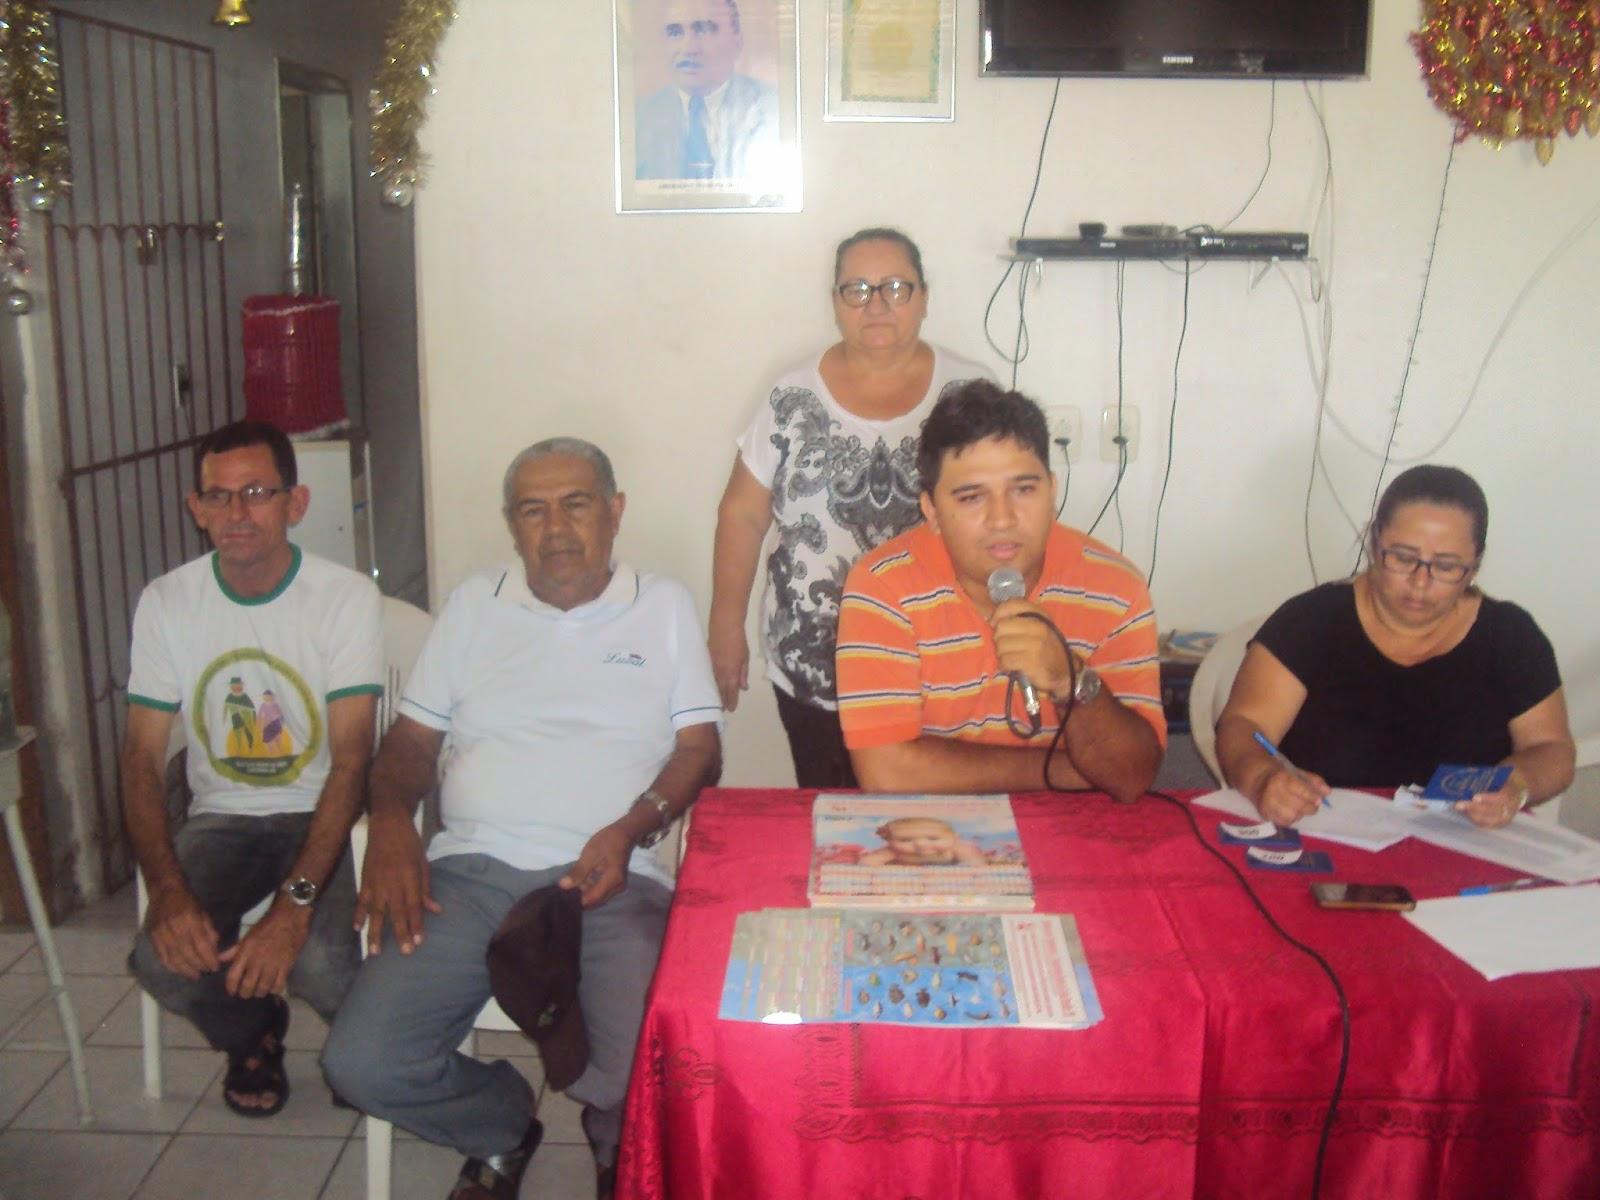 Sindicato dos Trabalhadores e Trabalhadoras Rurais de Caldas Brandão. Presidente Marcelo Aguiar